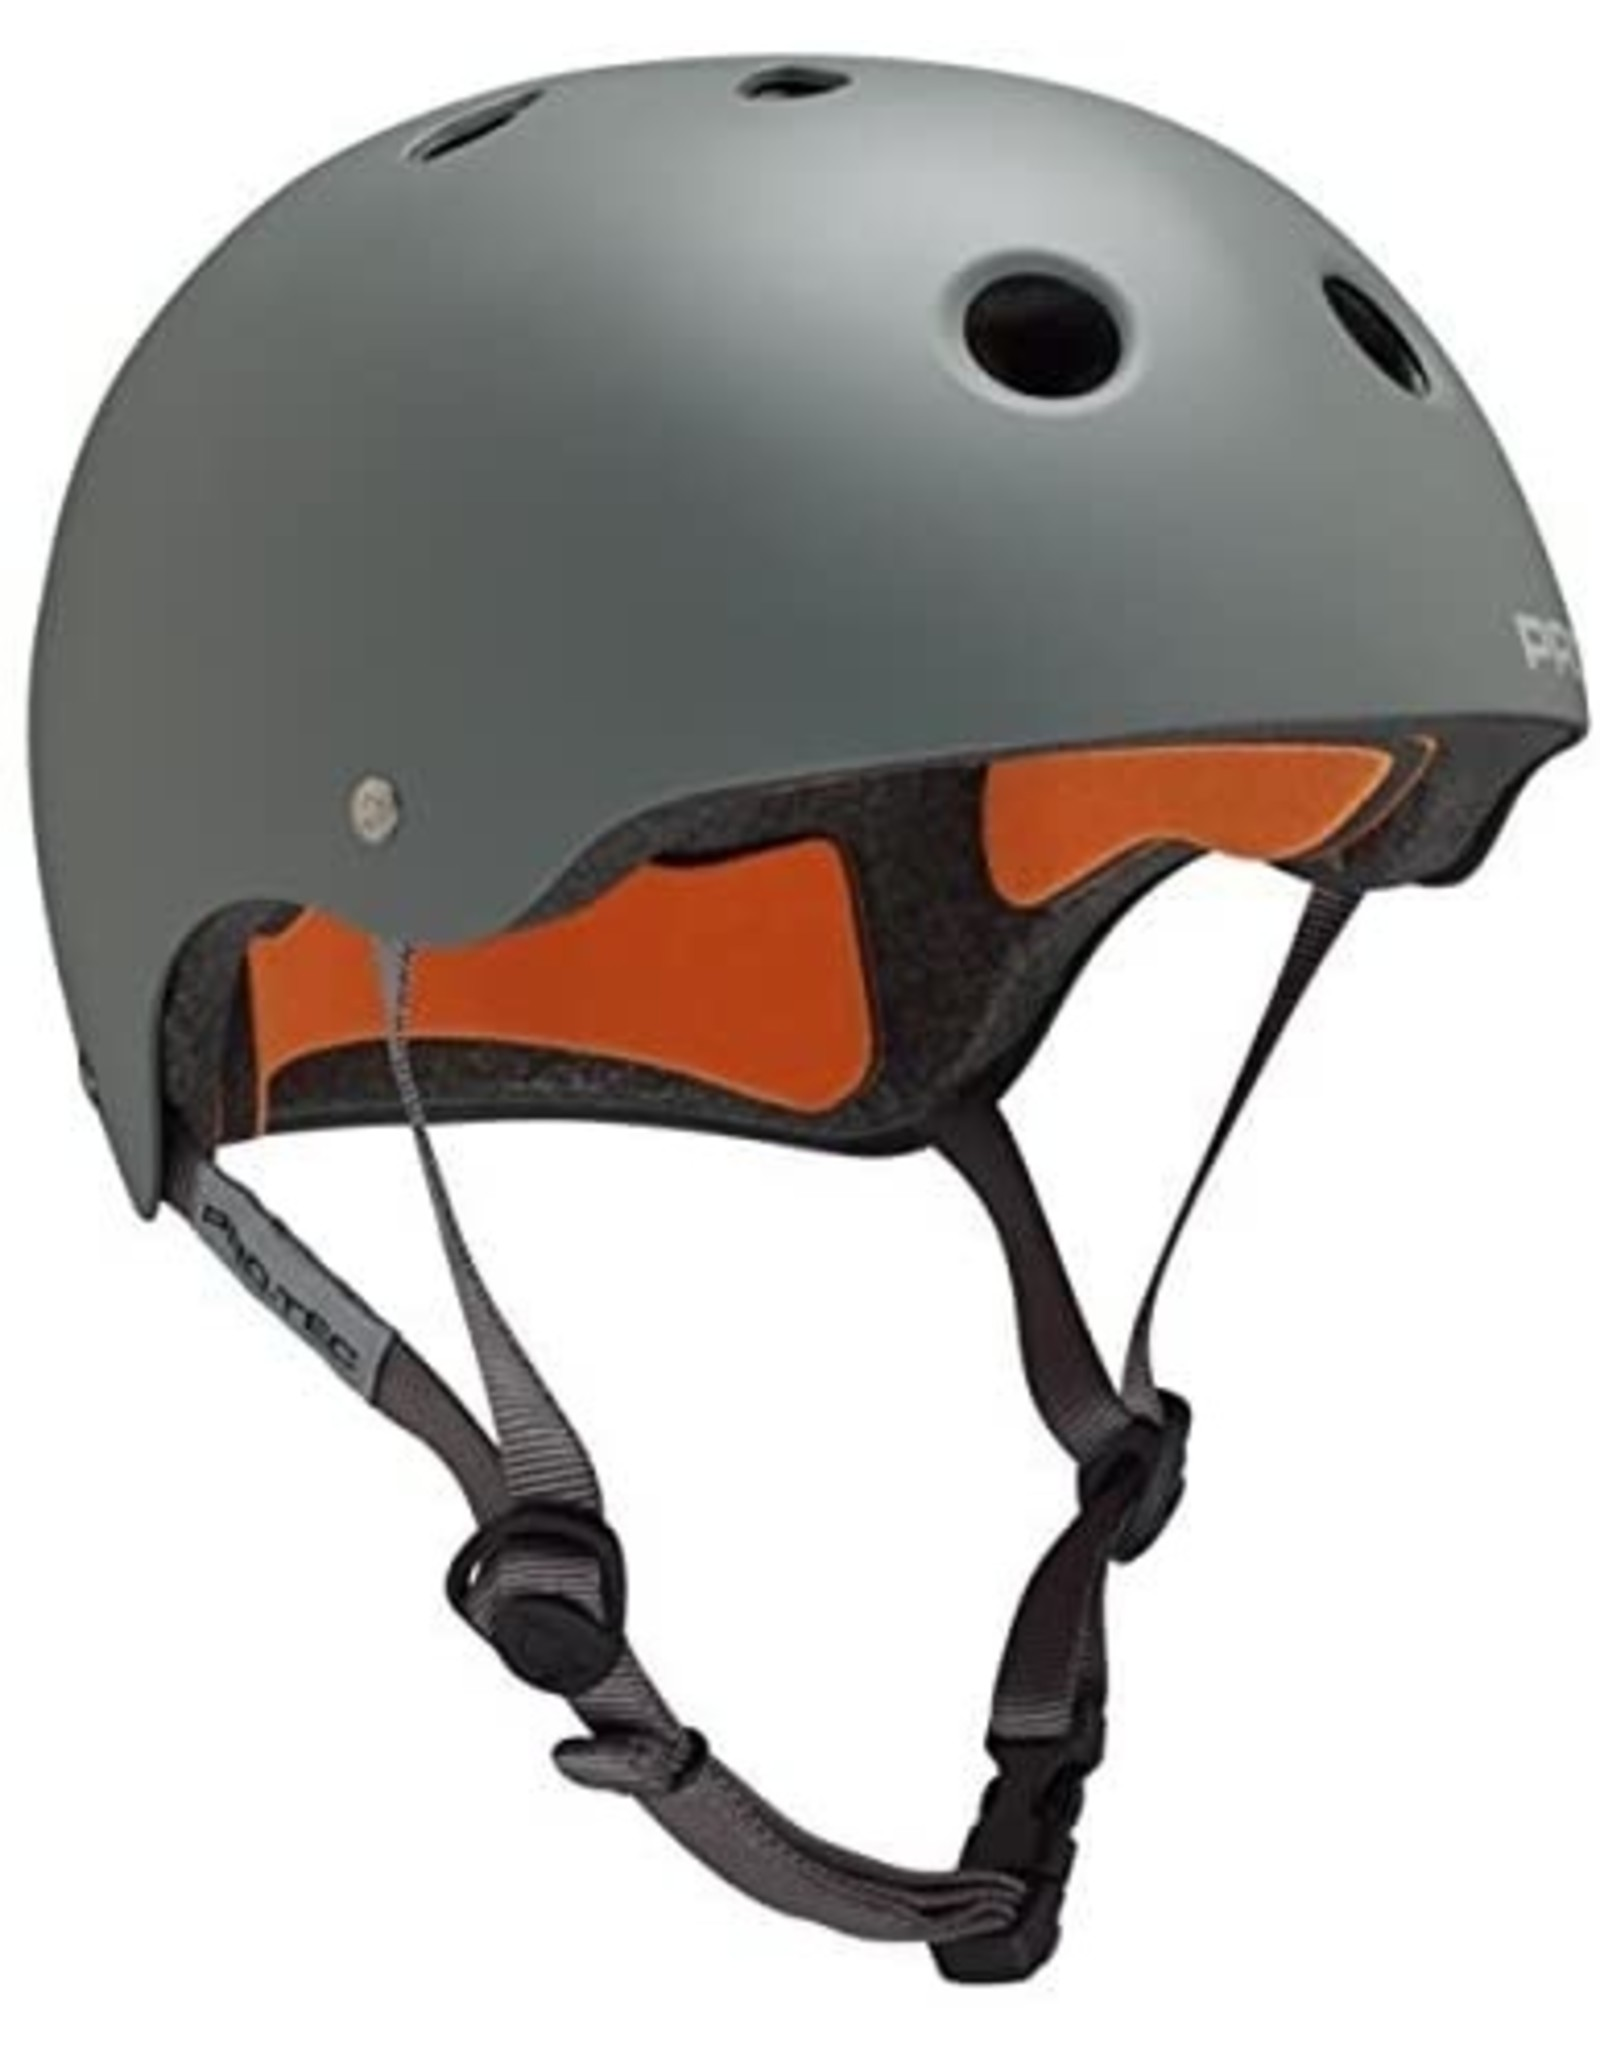 Pro-Tec Classic Helmet - Matte Grey